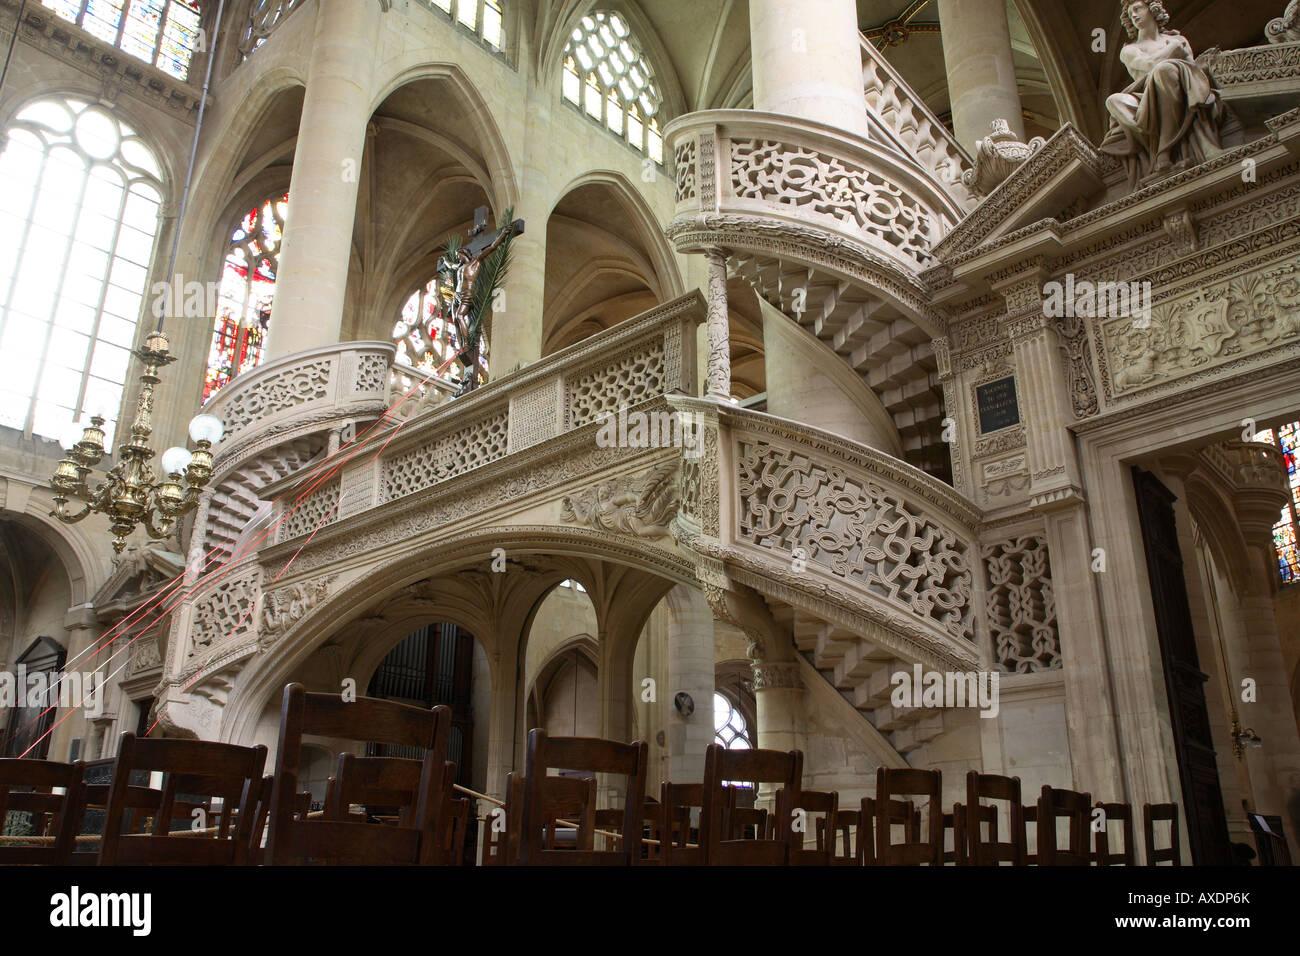 St Etienne de Mont Chiesa, Montagne Ste GENEVIEVE, Parigi, Francia Immagini Stock